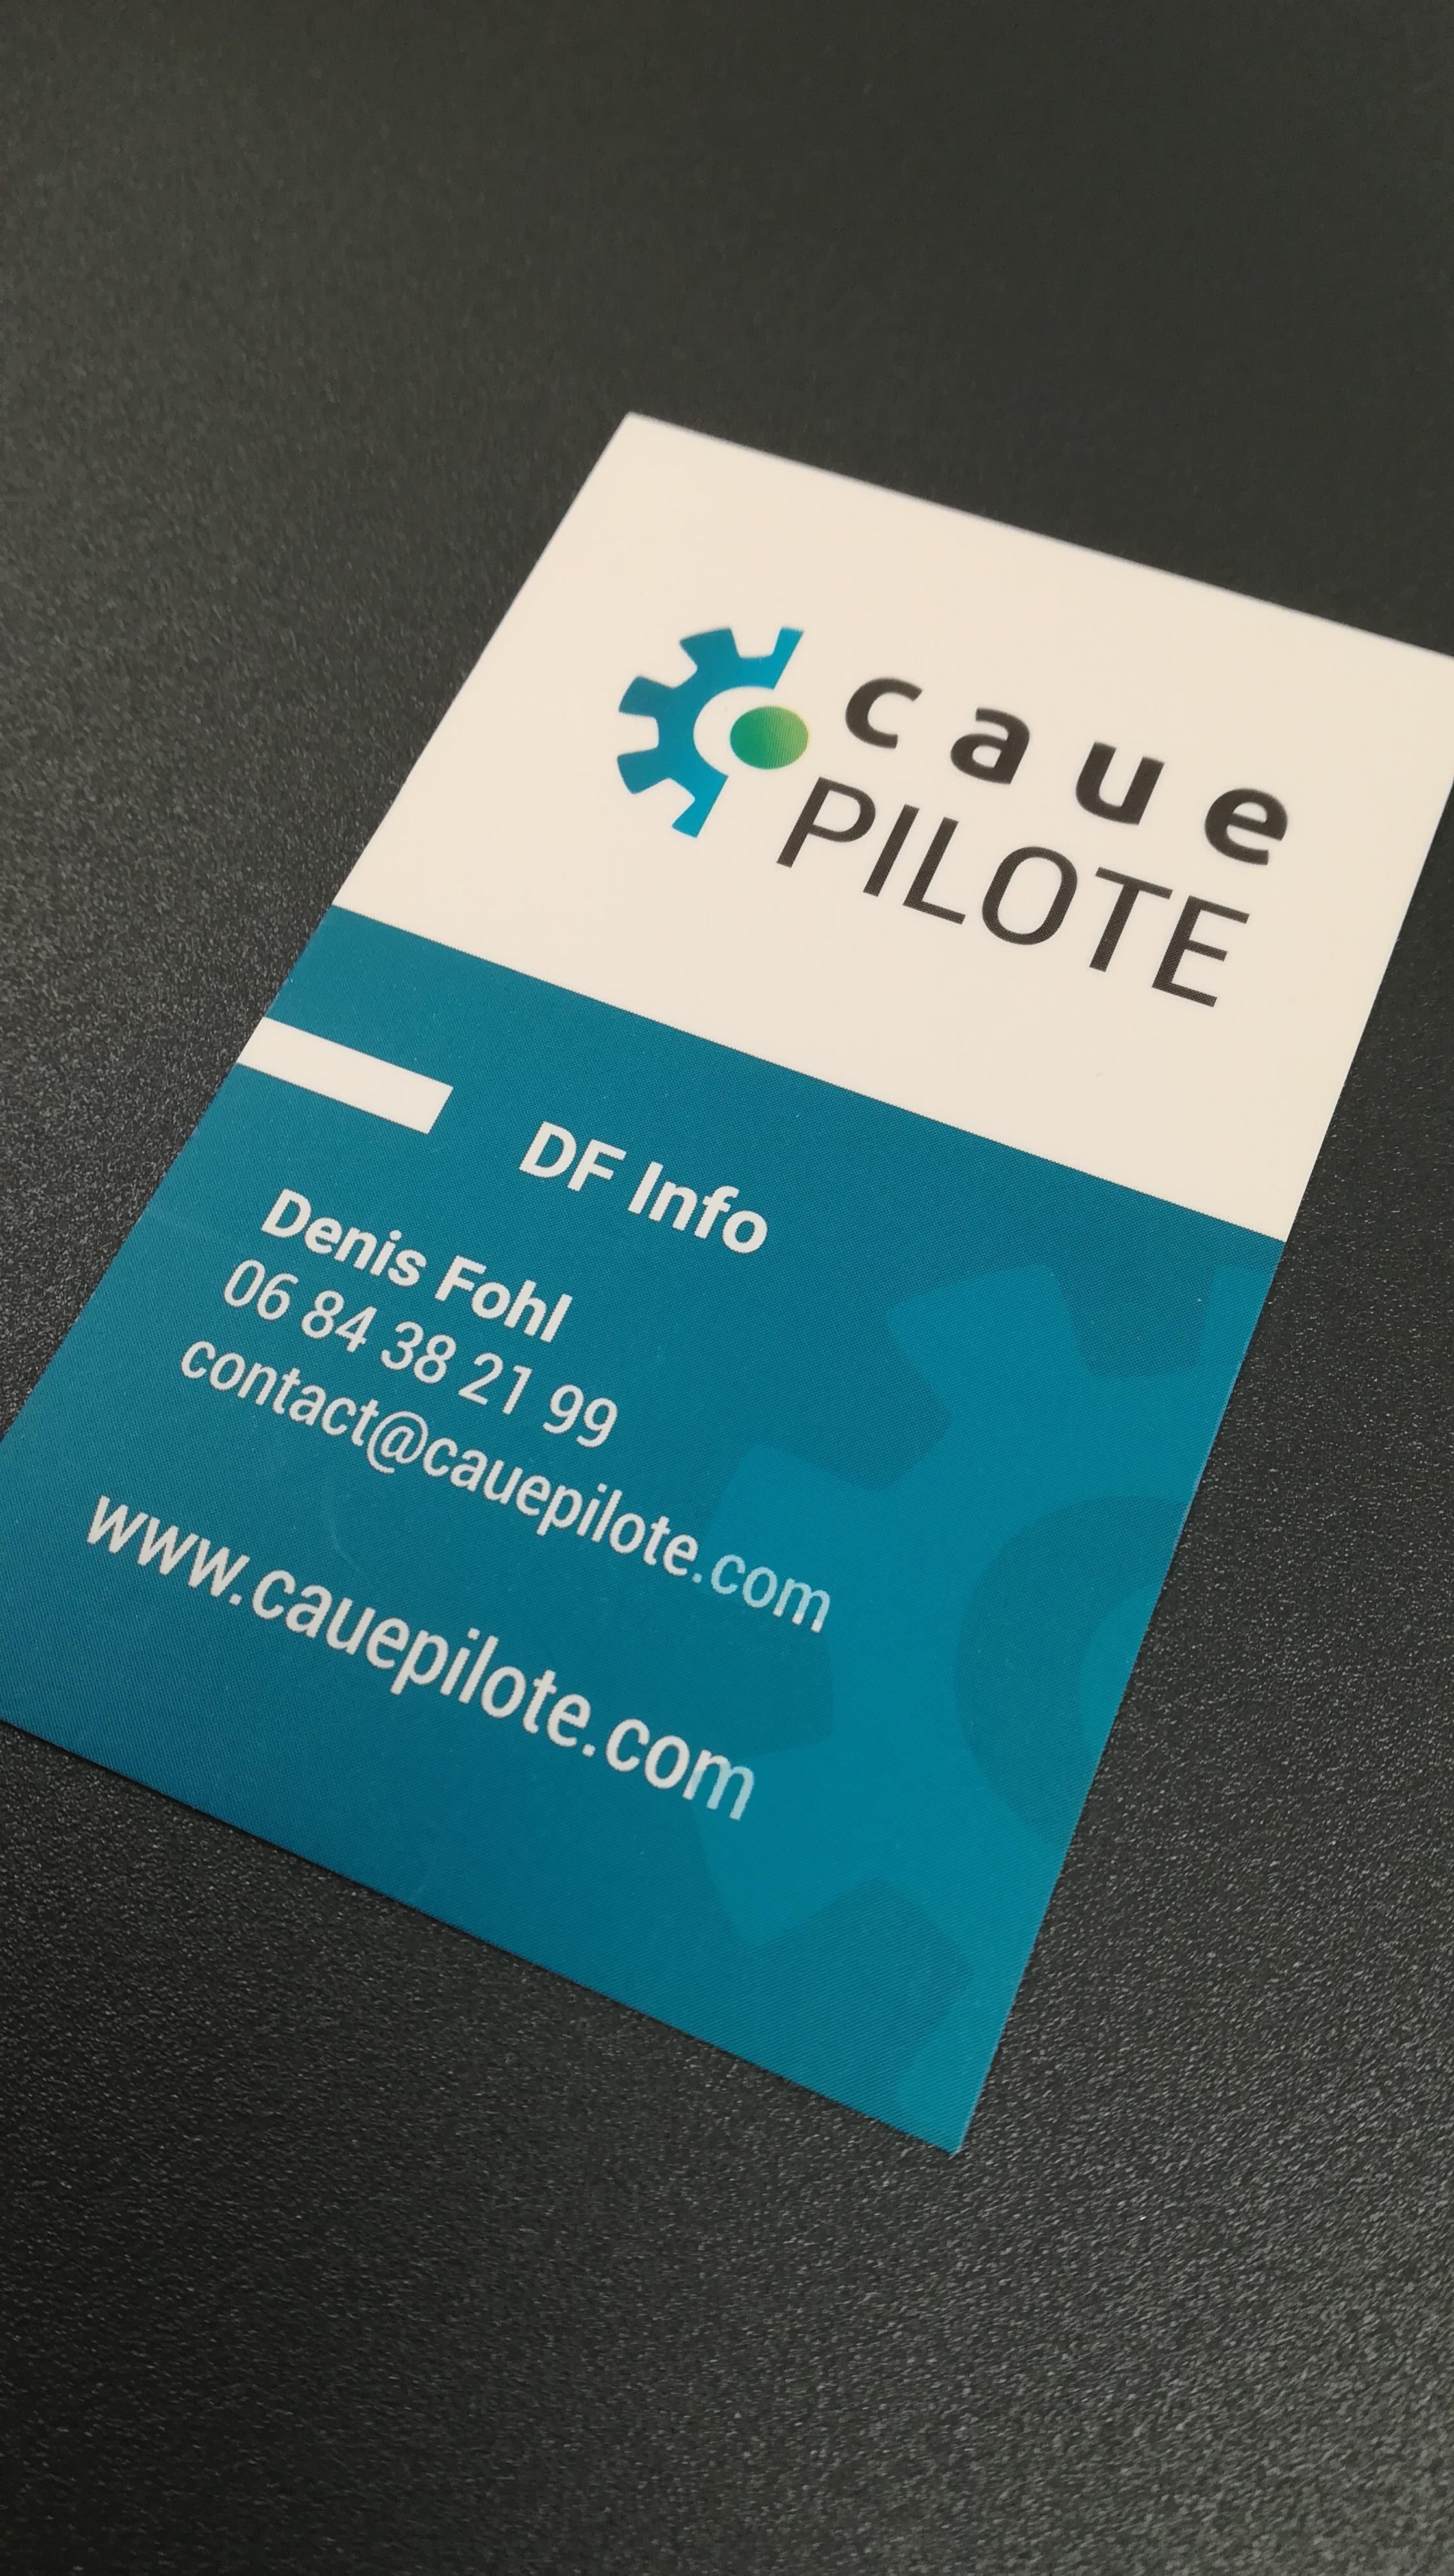 creation-cartes-de-visite-logiciel-de-gestion-et-pilotage-caue-pilote-dordogne